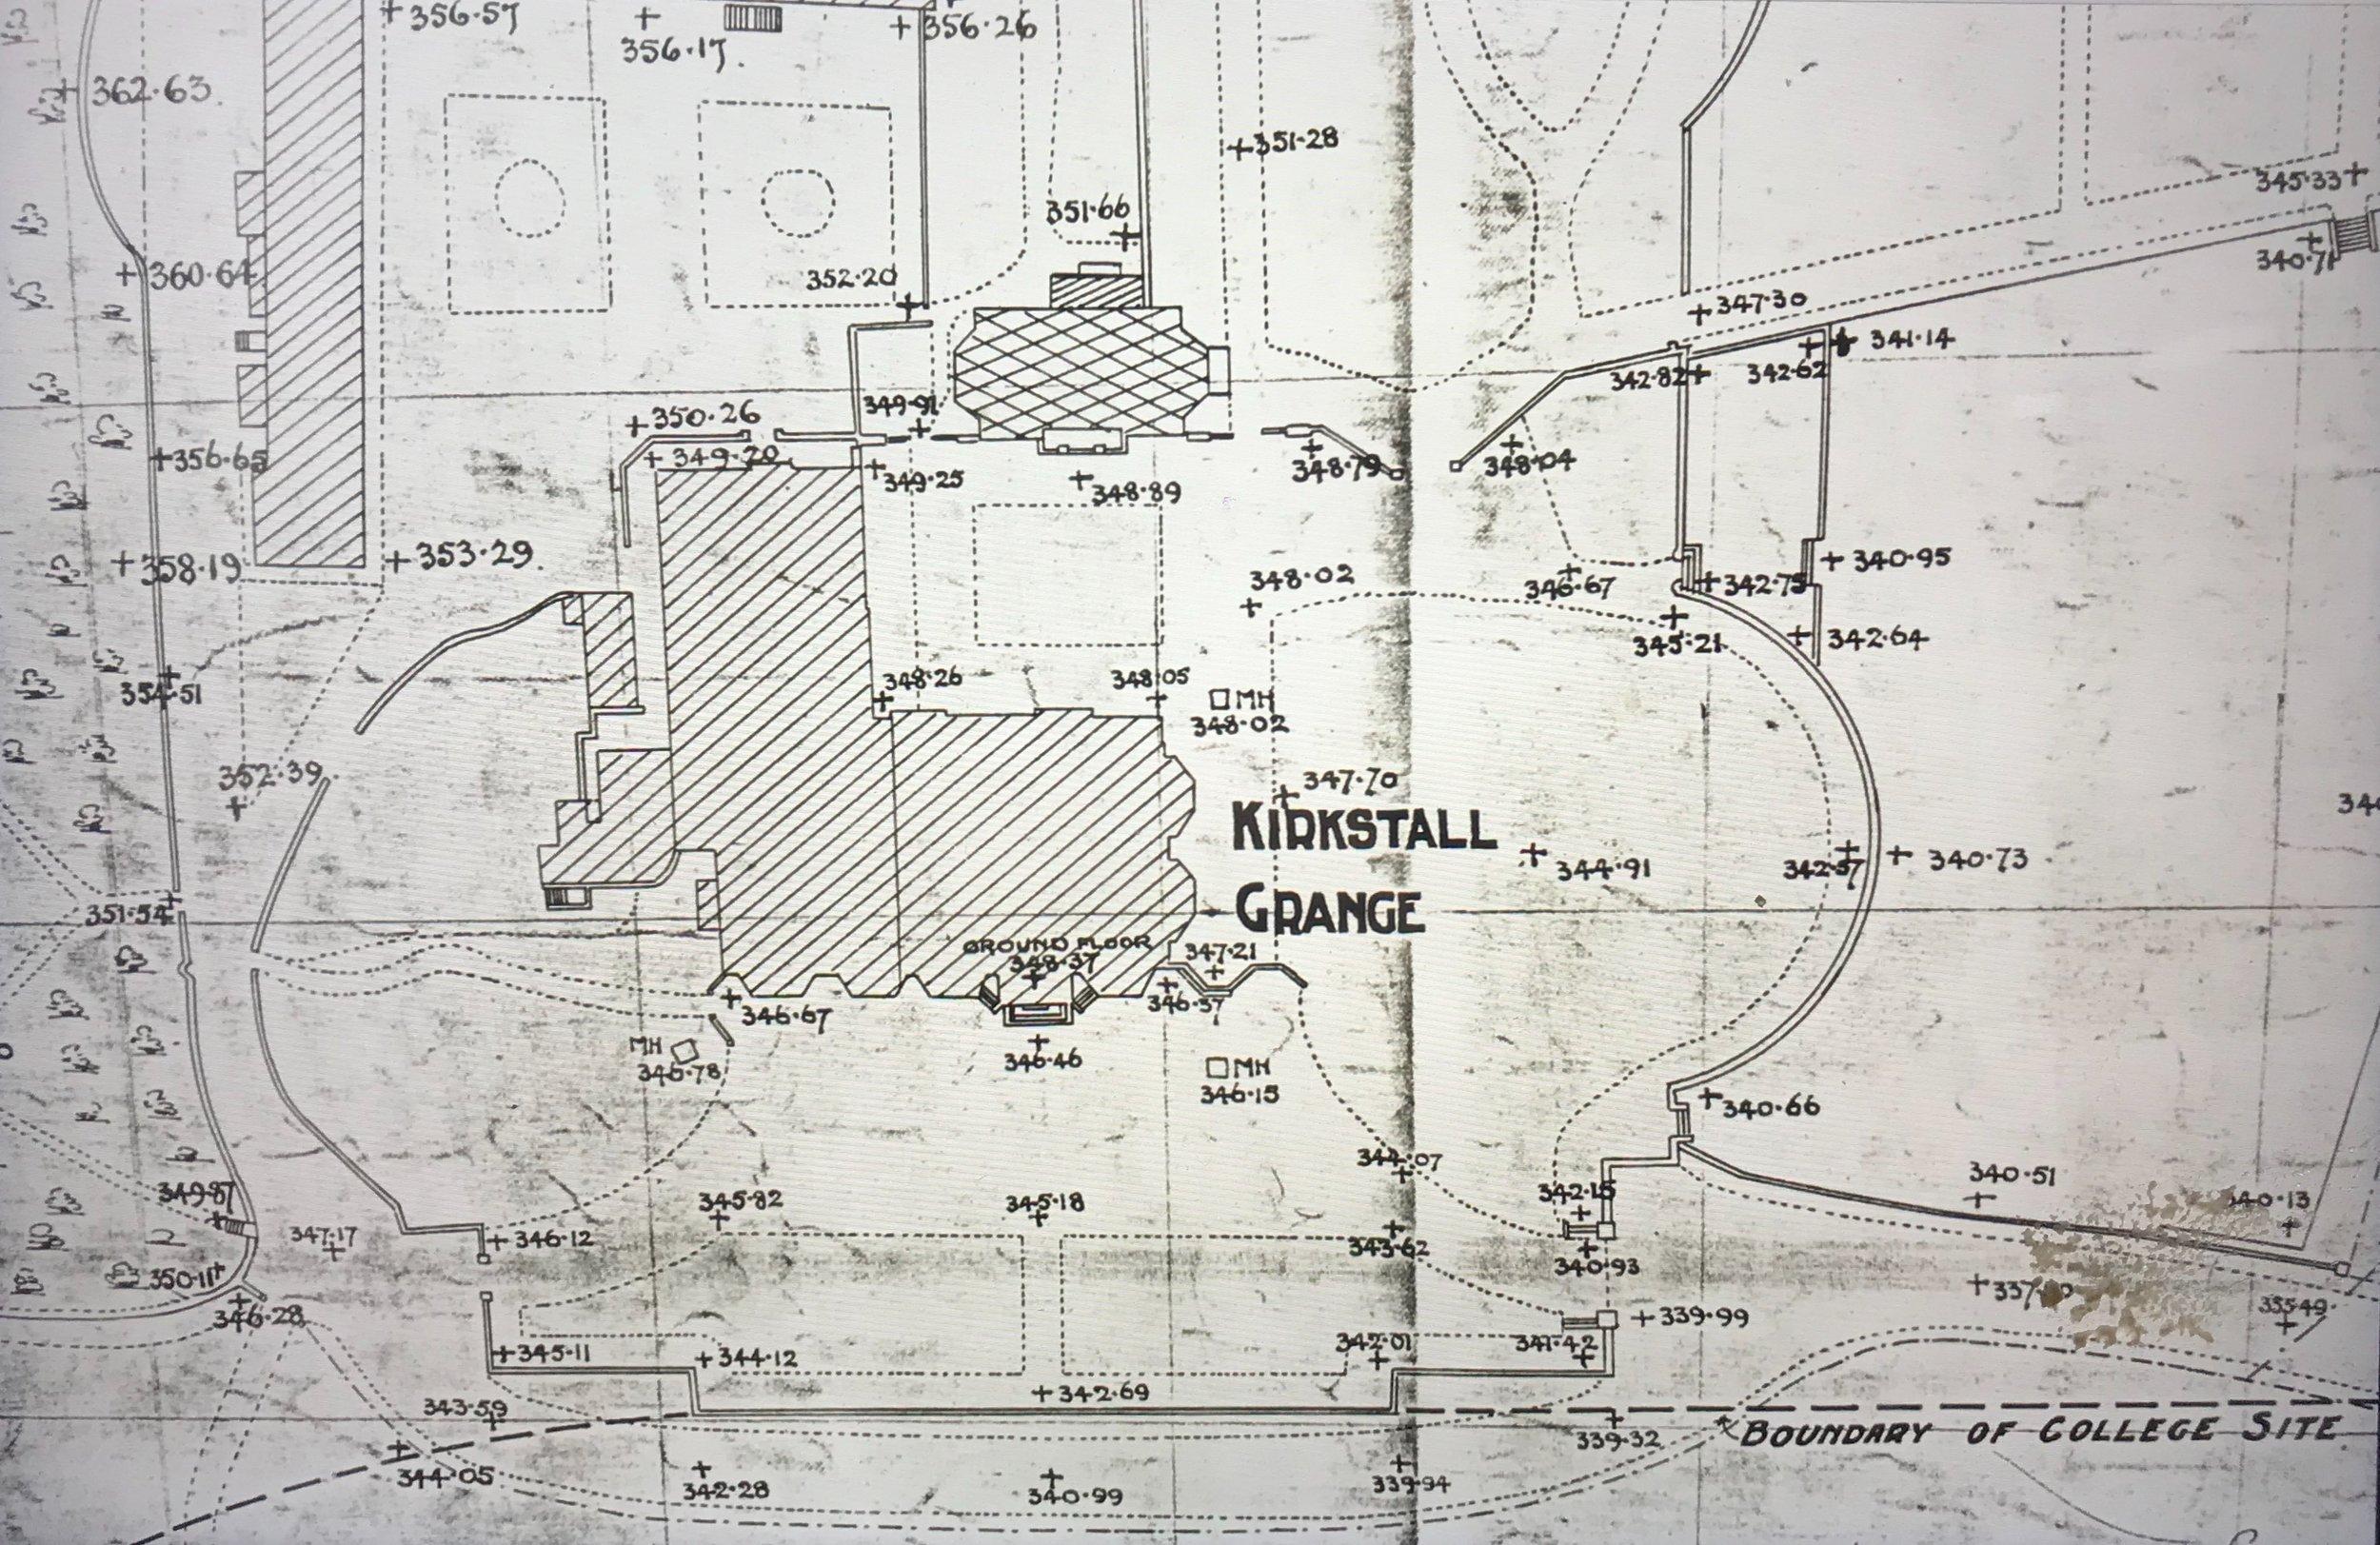 Plan, Kirkstall Grange (detail)